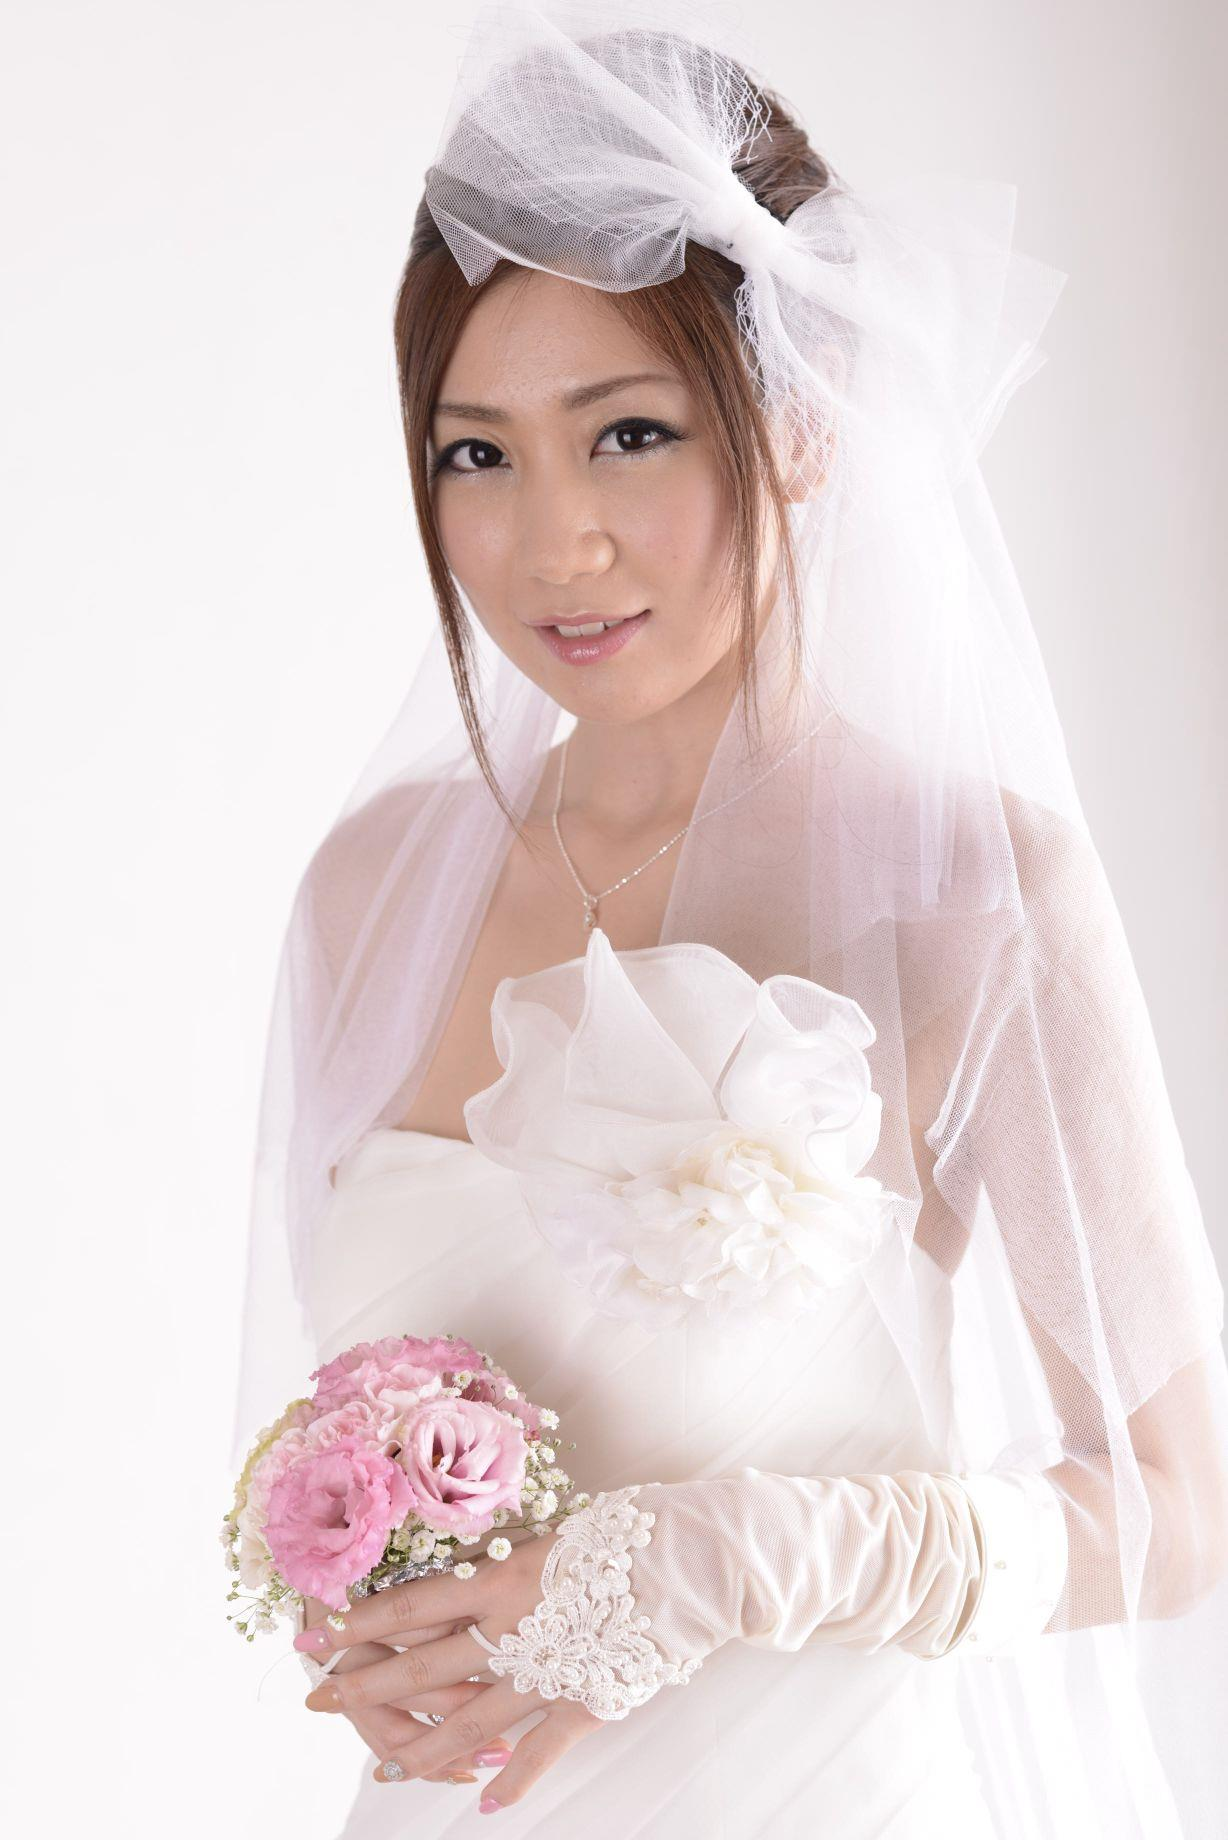 前田かおり ウェディングドレス画像 24